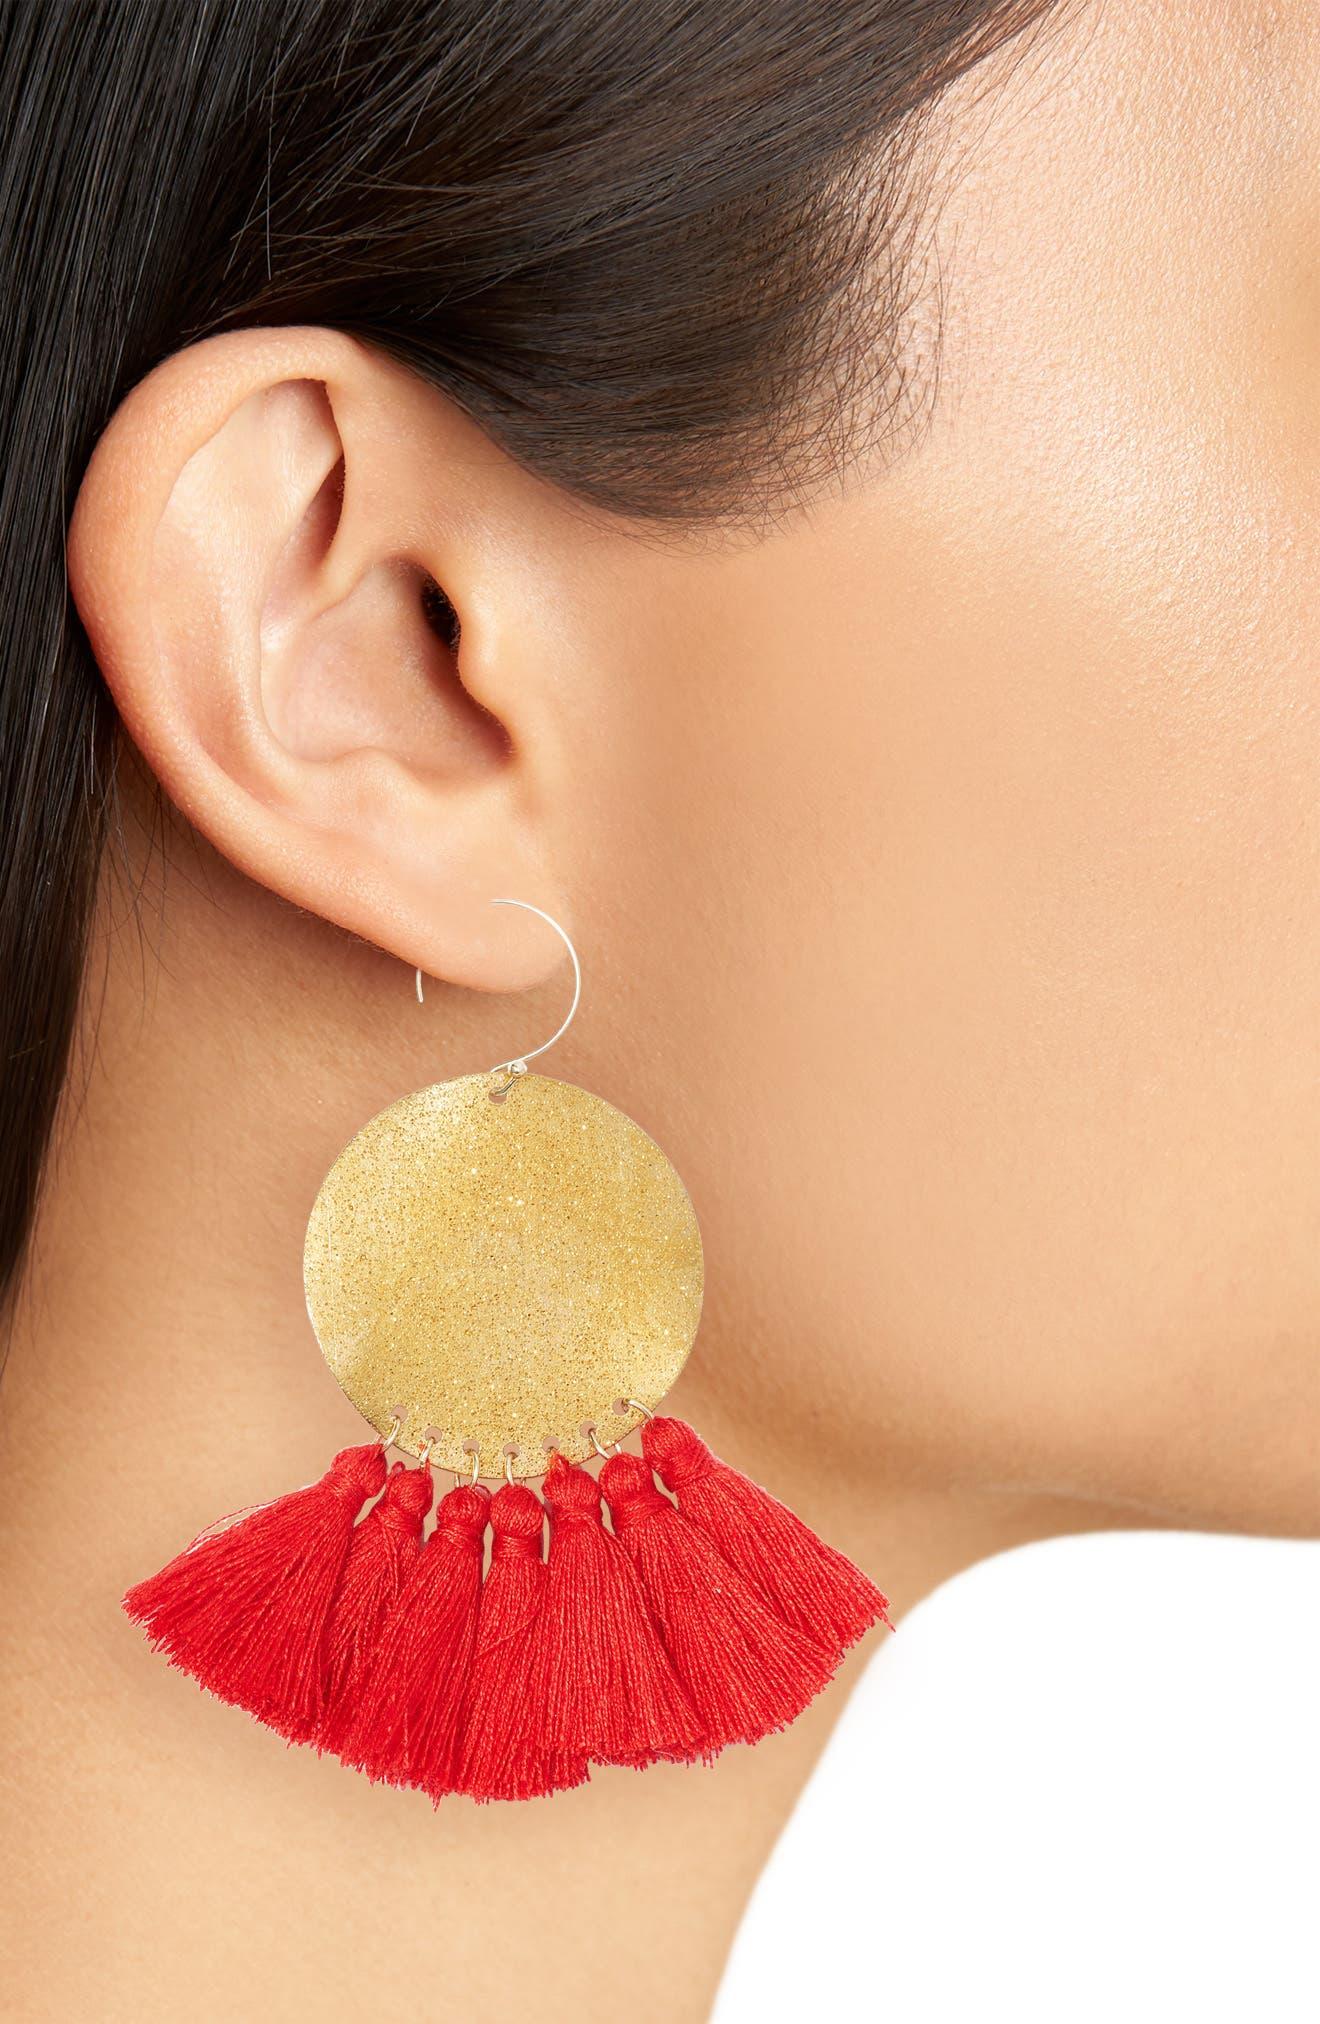 Lunar Tassel Earrings,                             Alternate thumbnail 2, color,                             Gold/ Red